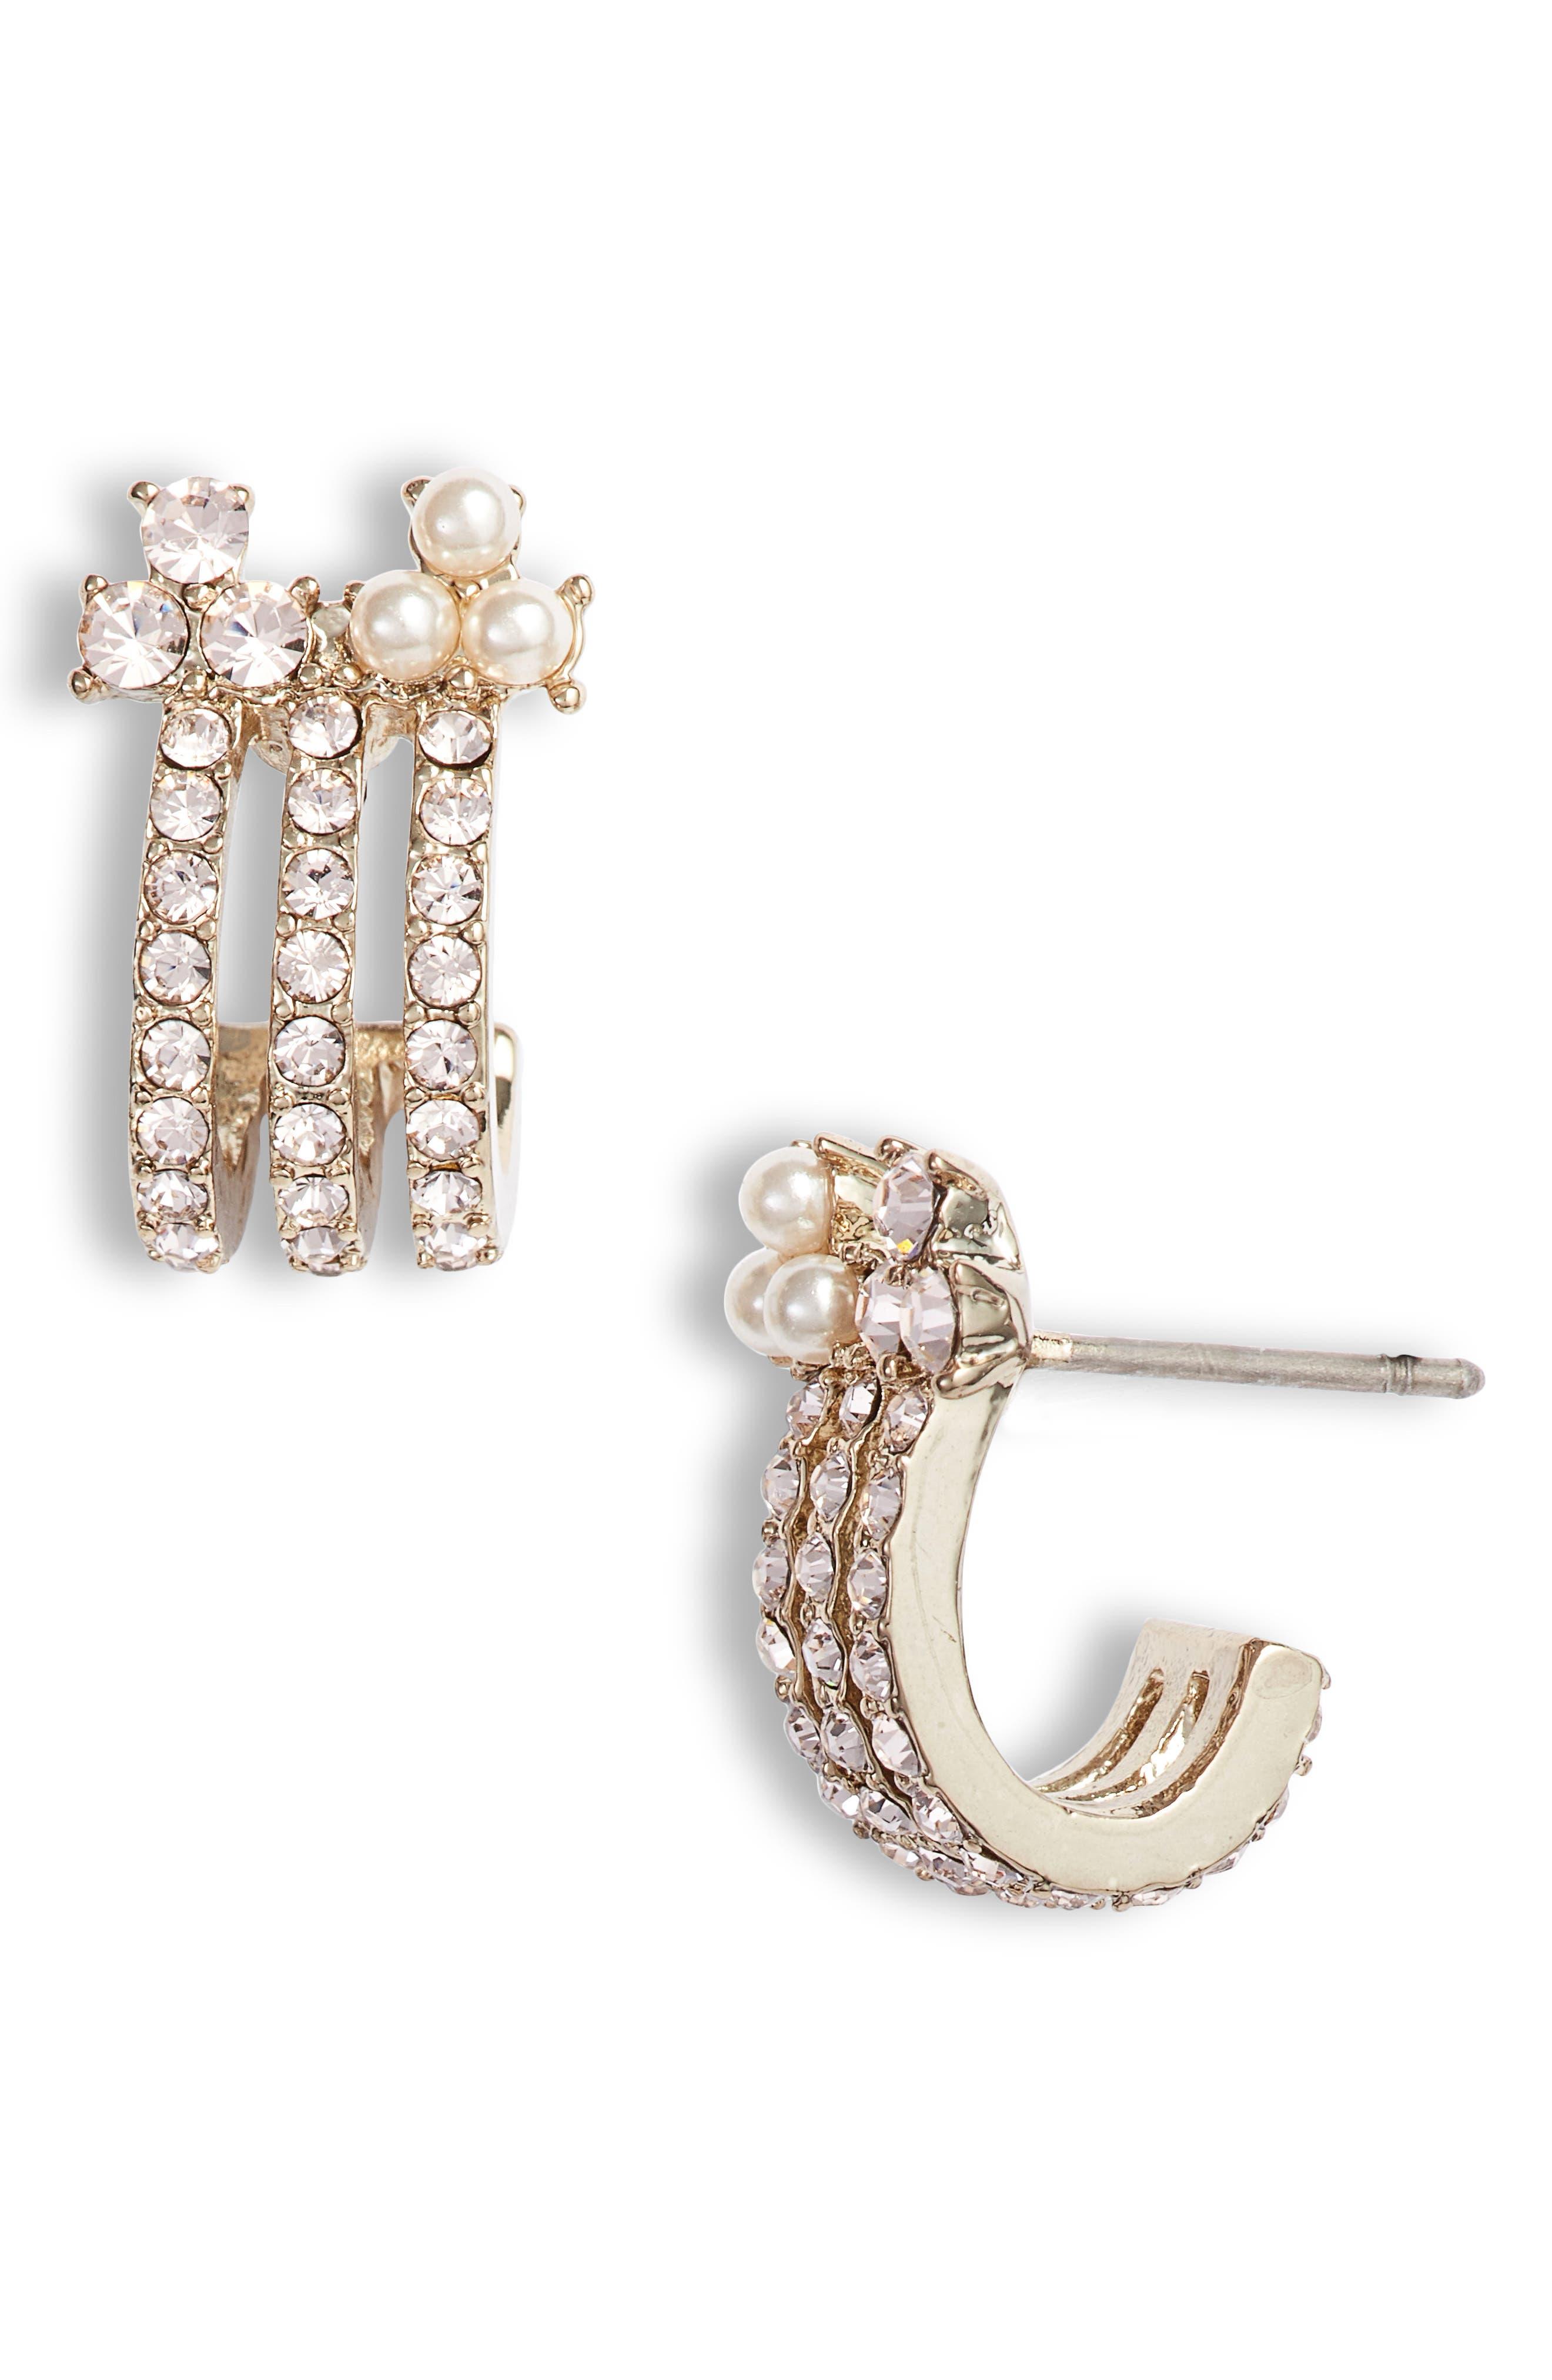 MARCHESA, Small Hoop Earrings, Main thumbnail 1, color, 710